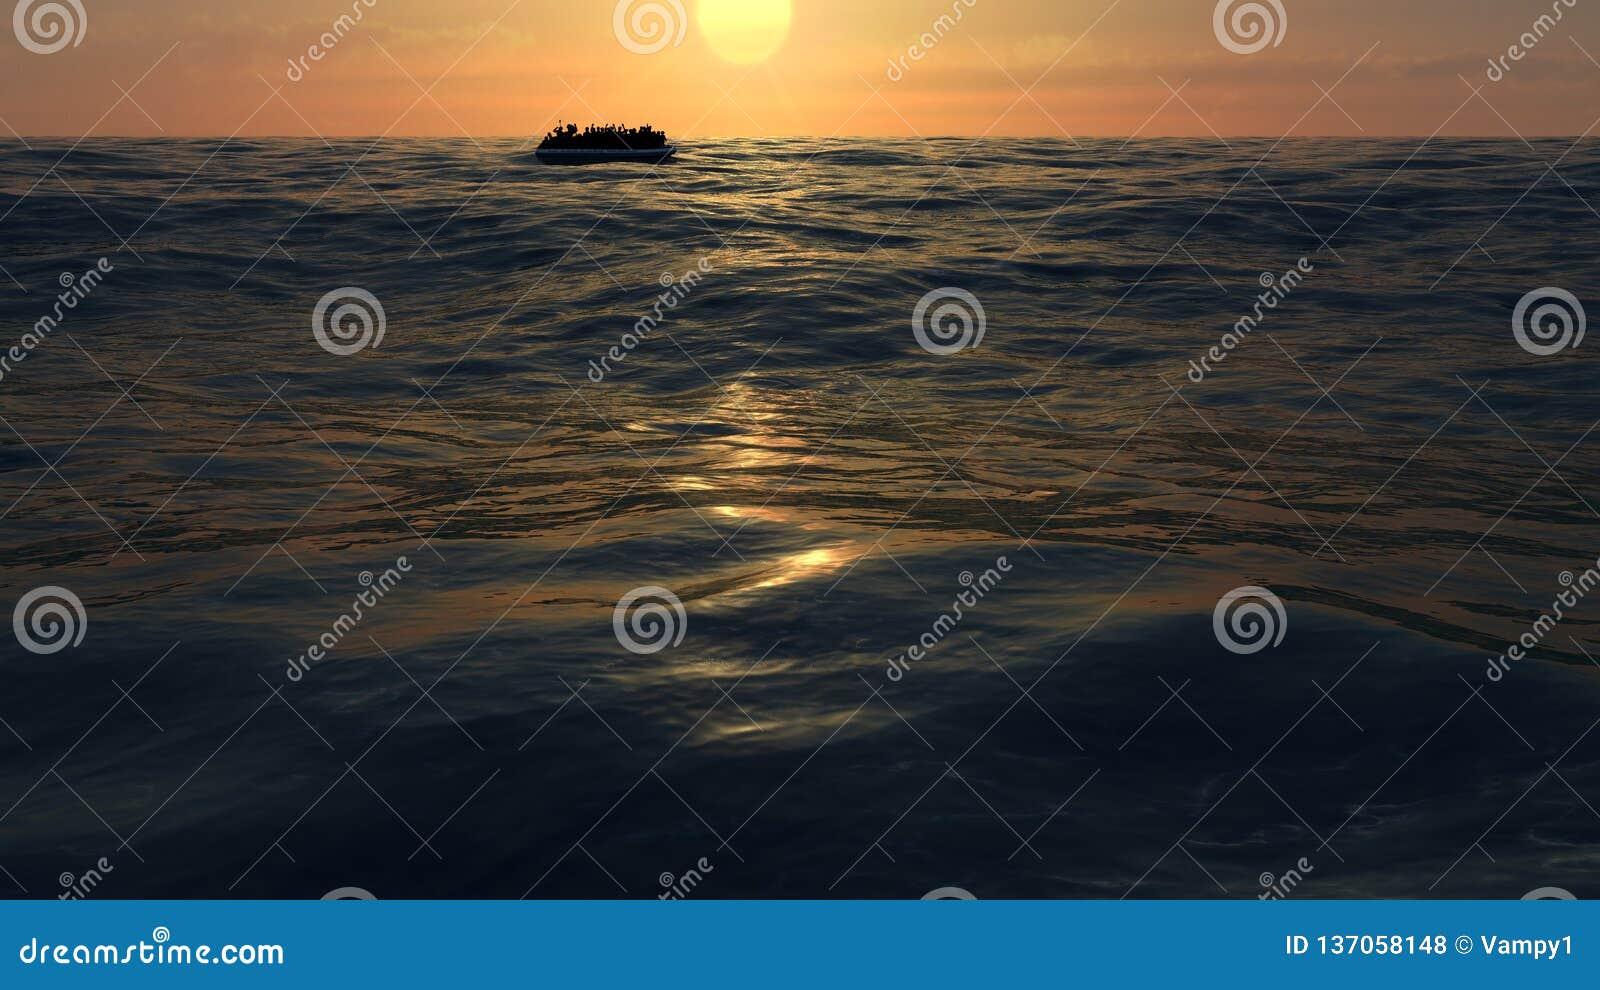 Vluchtelingen op een grote rubberboot in het midden van het overzees die hulp vereisen